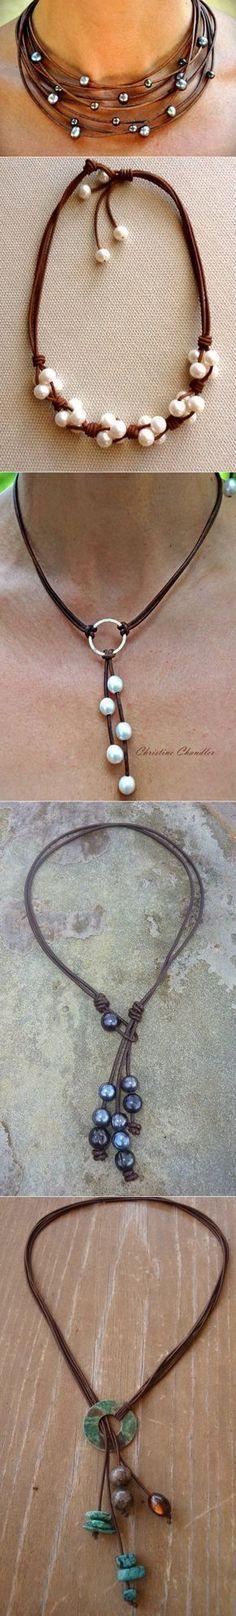 Мода на жемчуг (подборка и бонус) / Украшения и бижутерия / ВТОРАЯ УЛИЦА #homemadenecklace